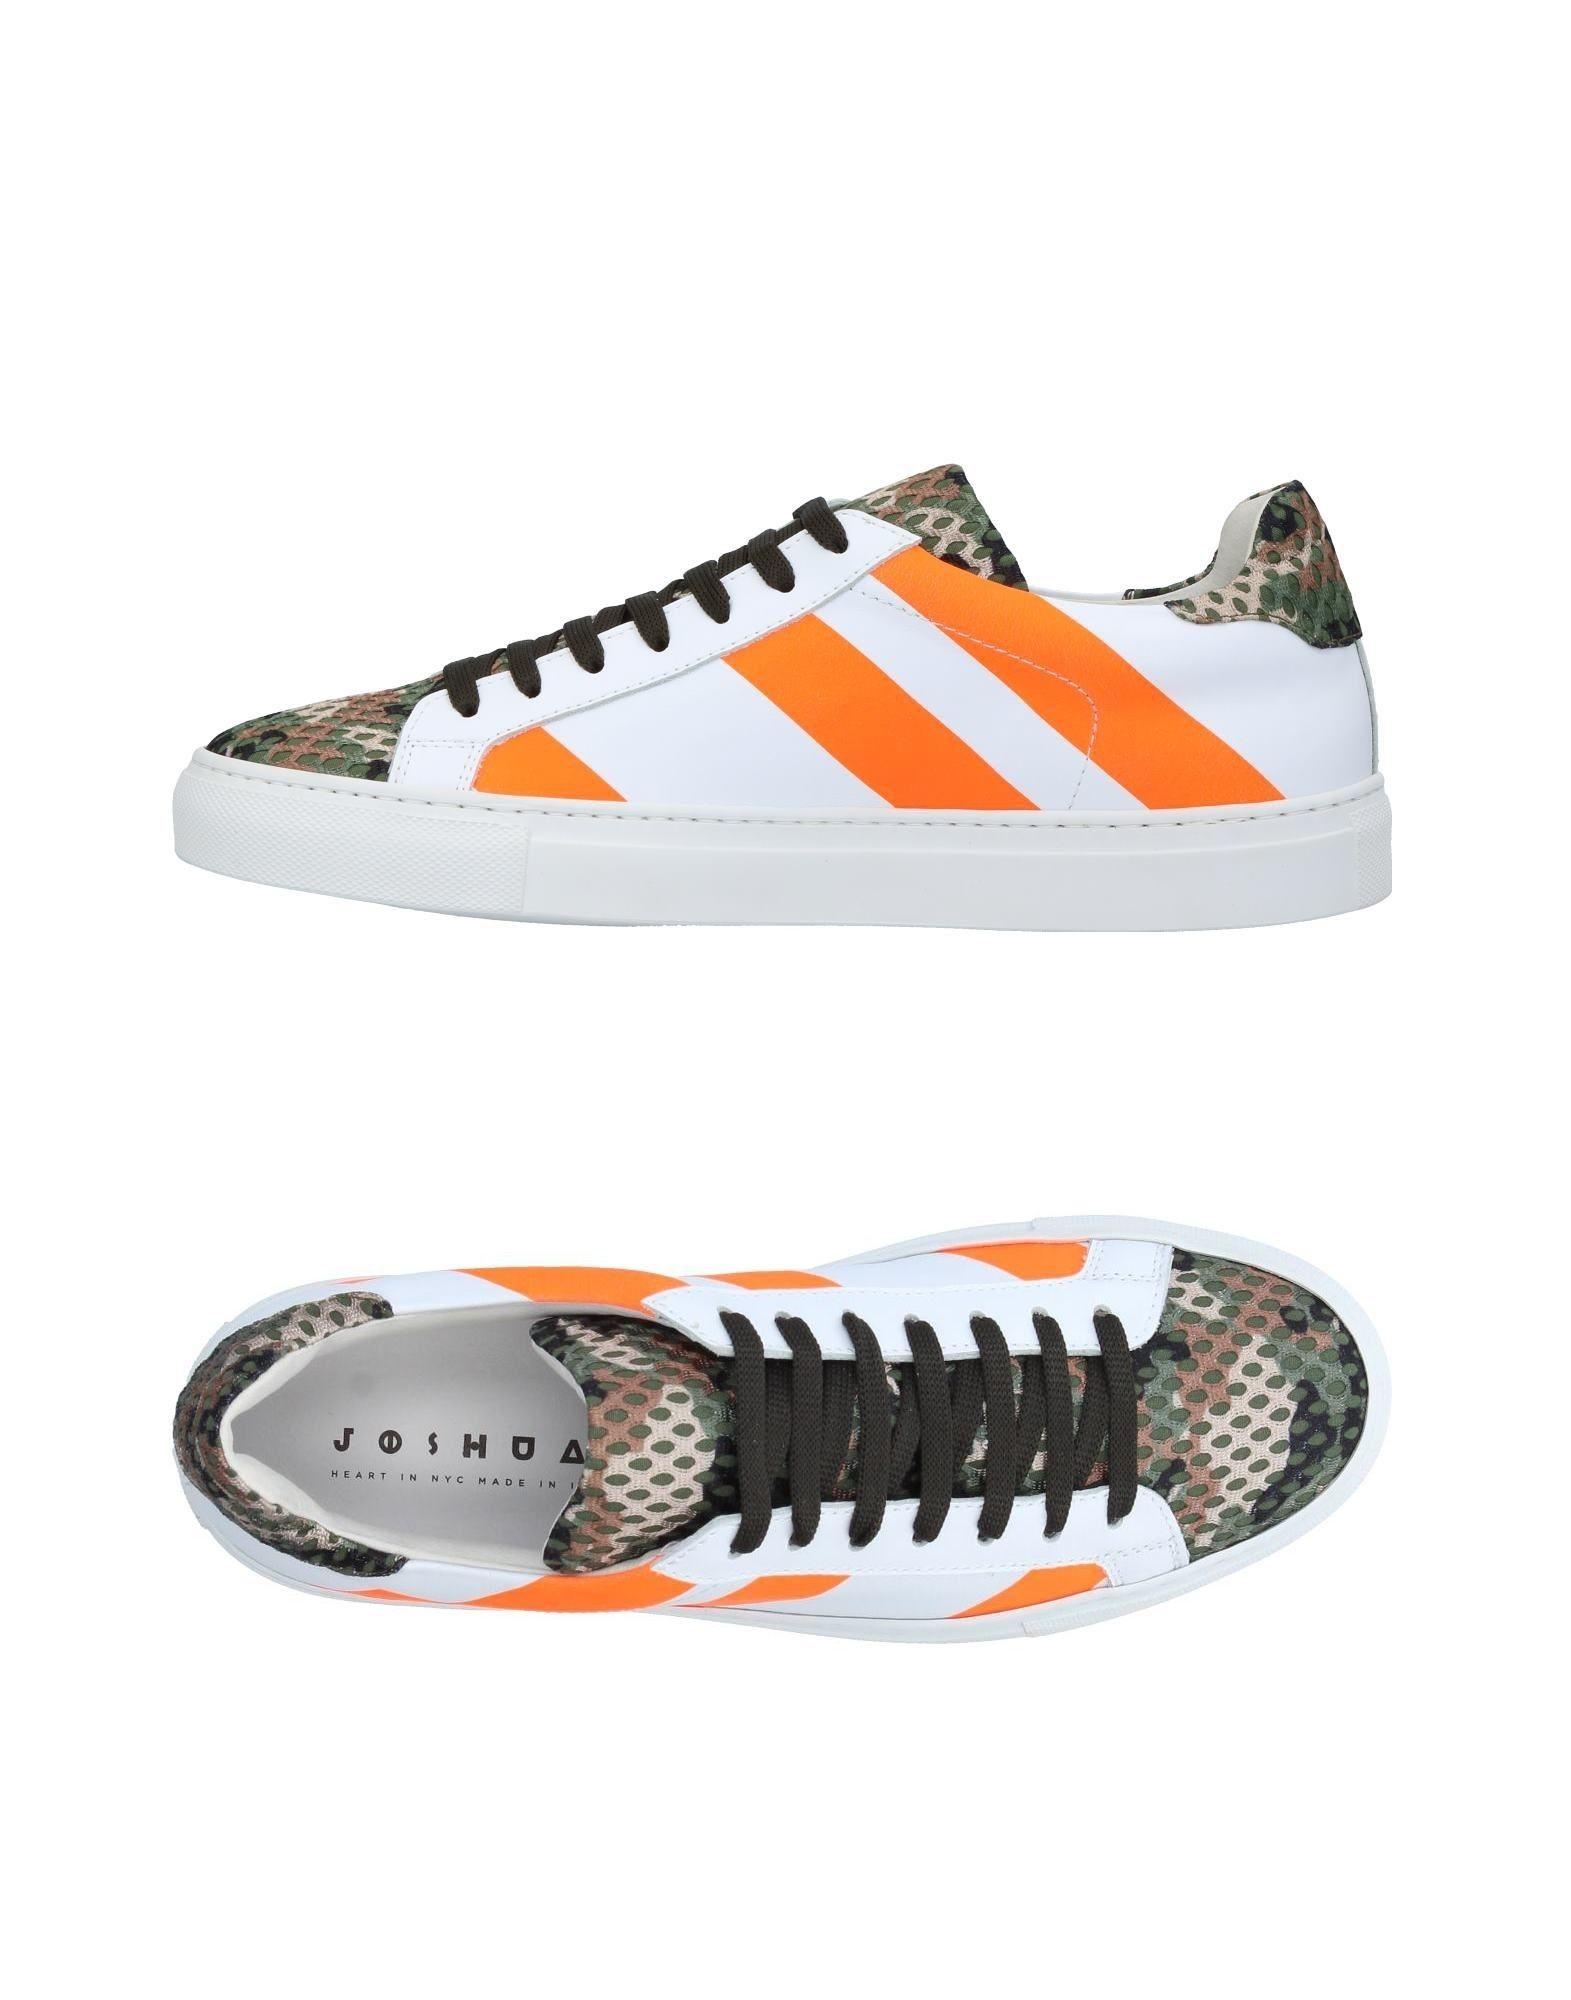 Scarpe economiche e resistenti Sneakers Joshua*S Uomo - 11362293IT